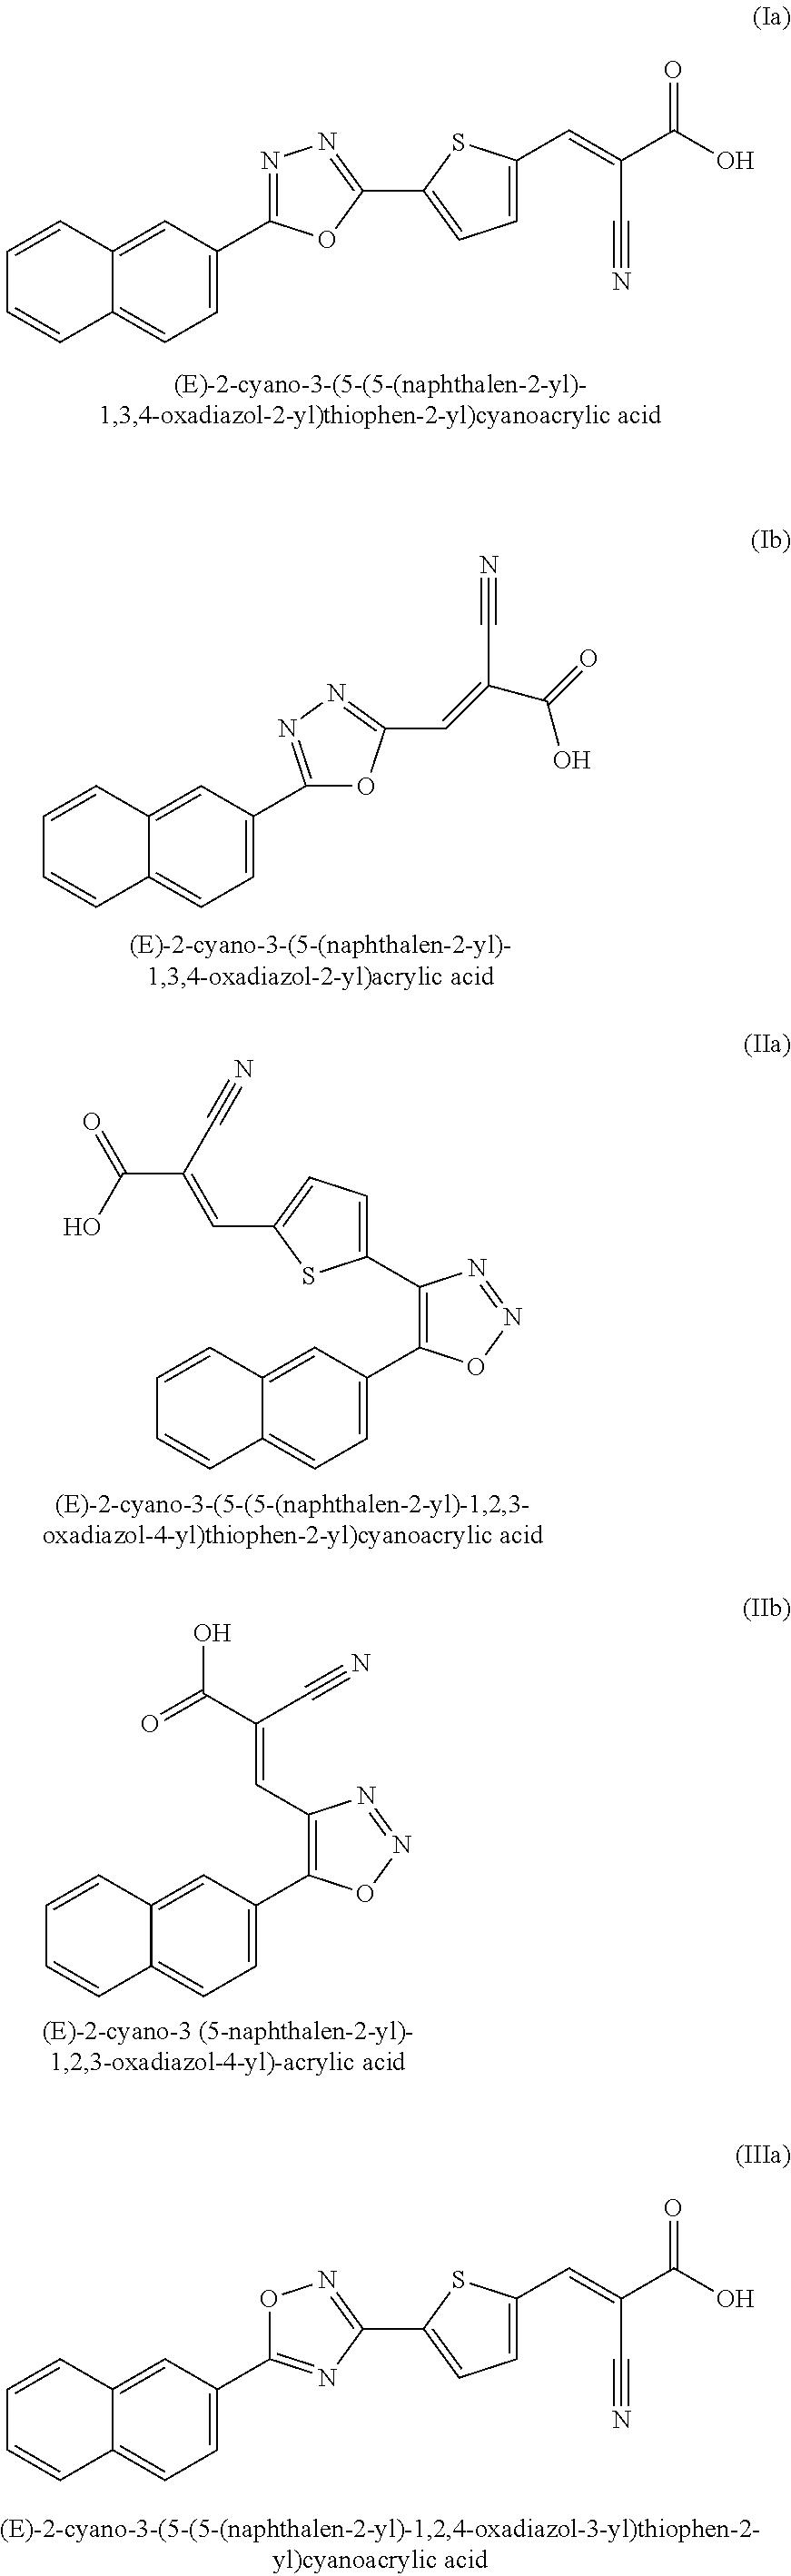 Figure US09672990-20170606-C00022